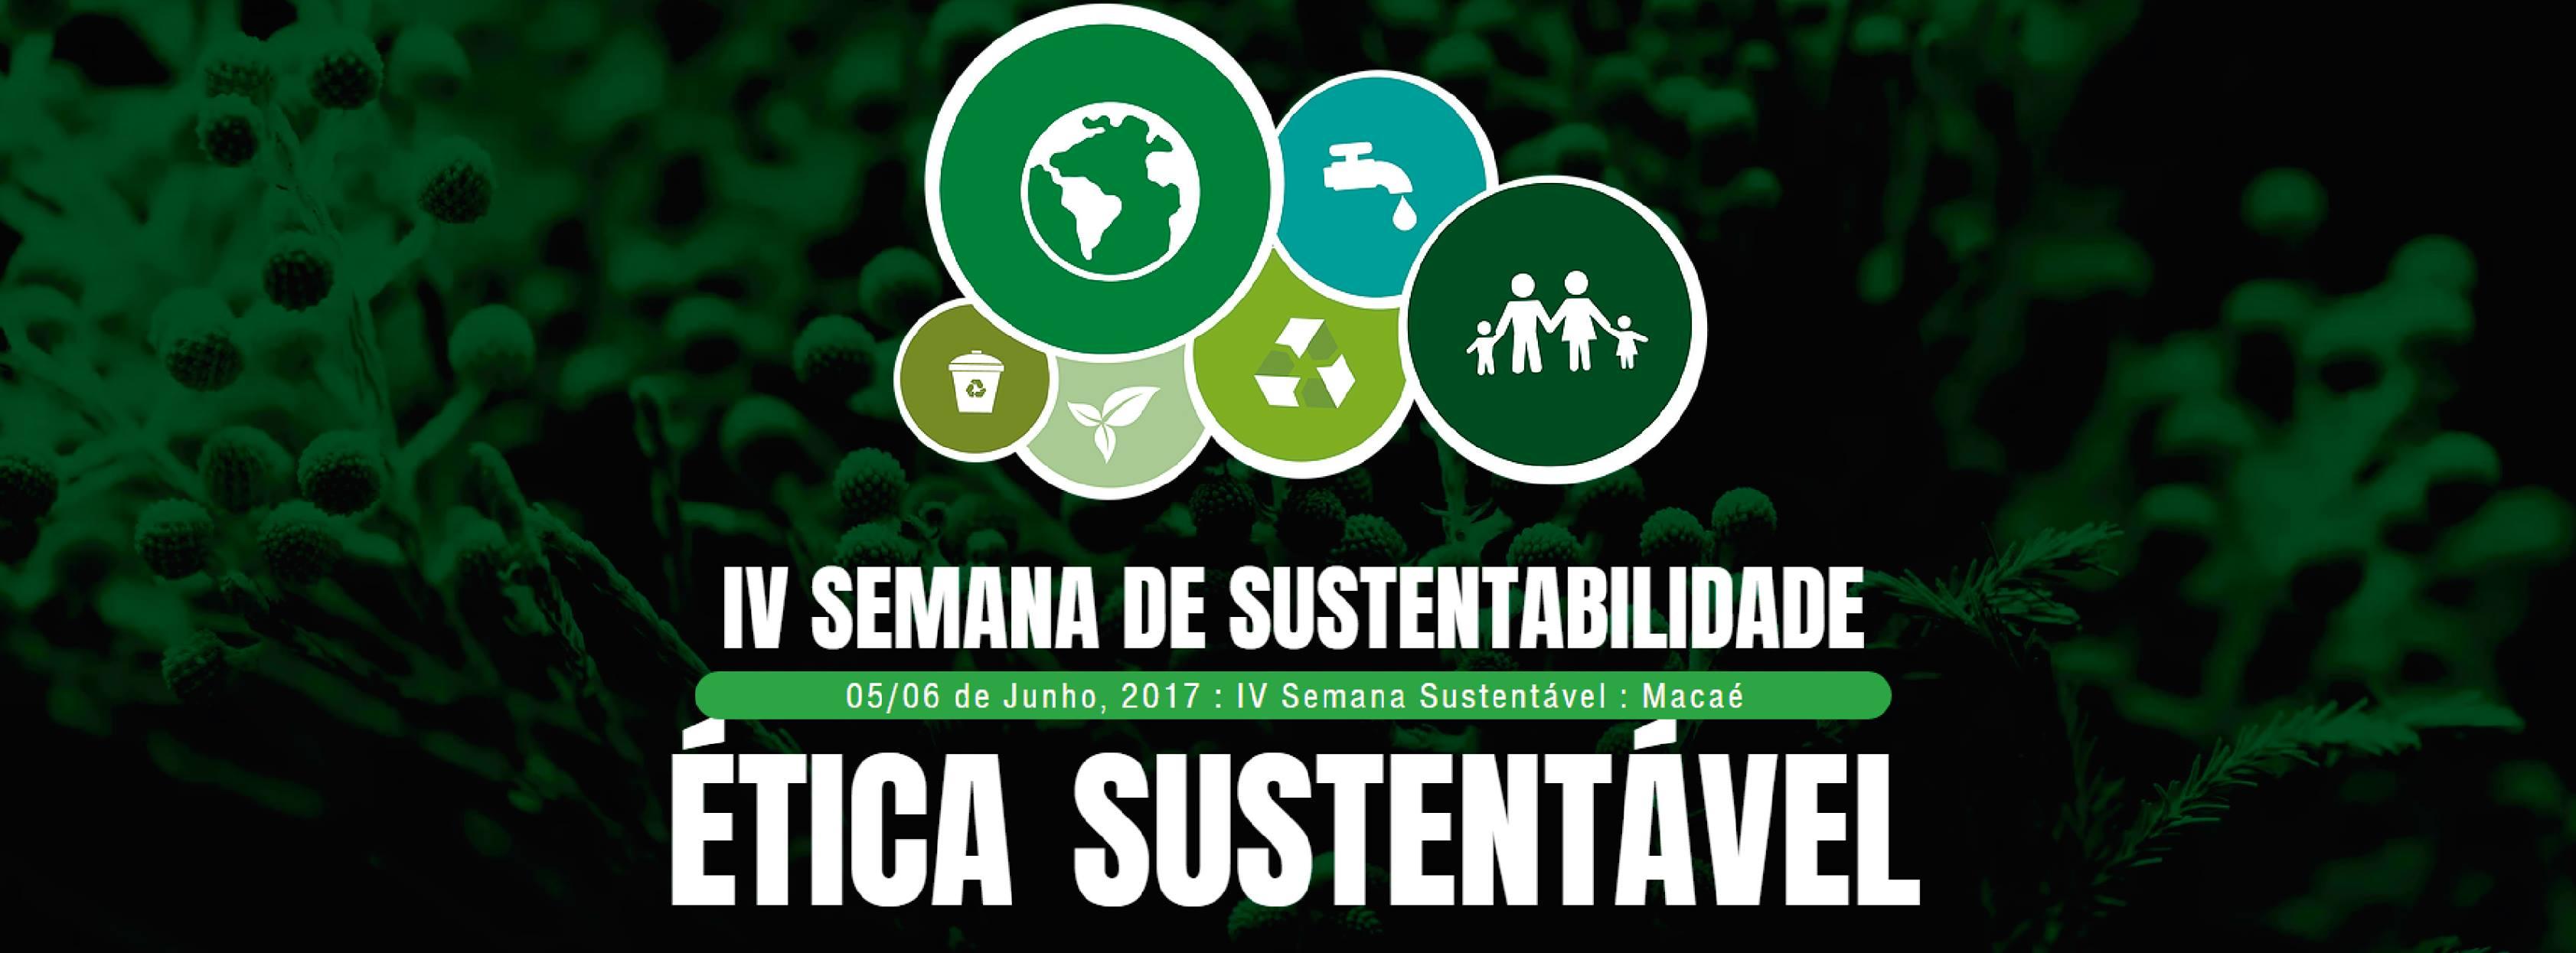 IV Seminário de Gestão Sustentável acontece nos dias 05 e 06 de junho